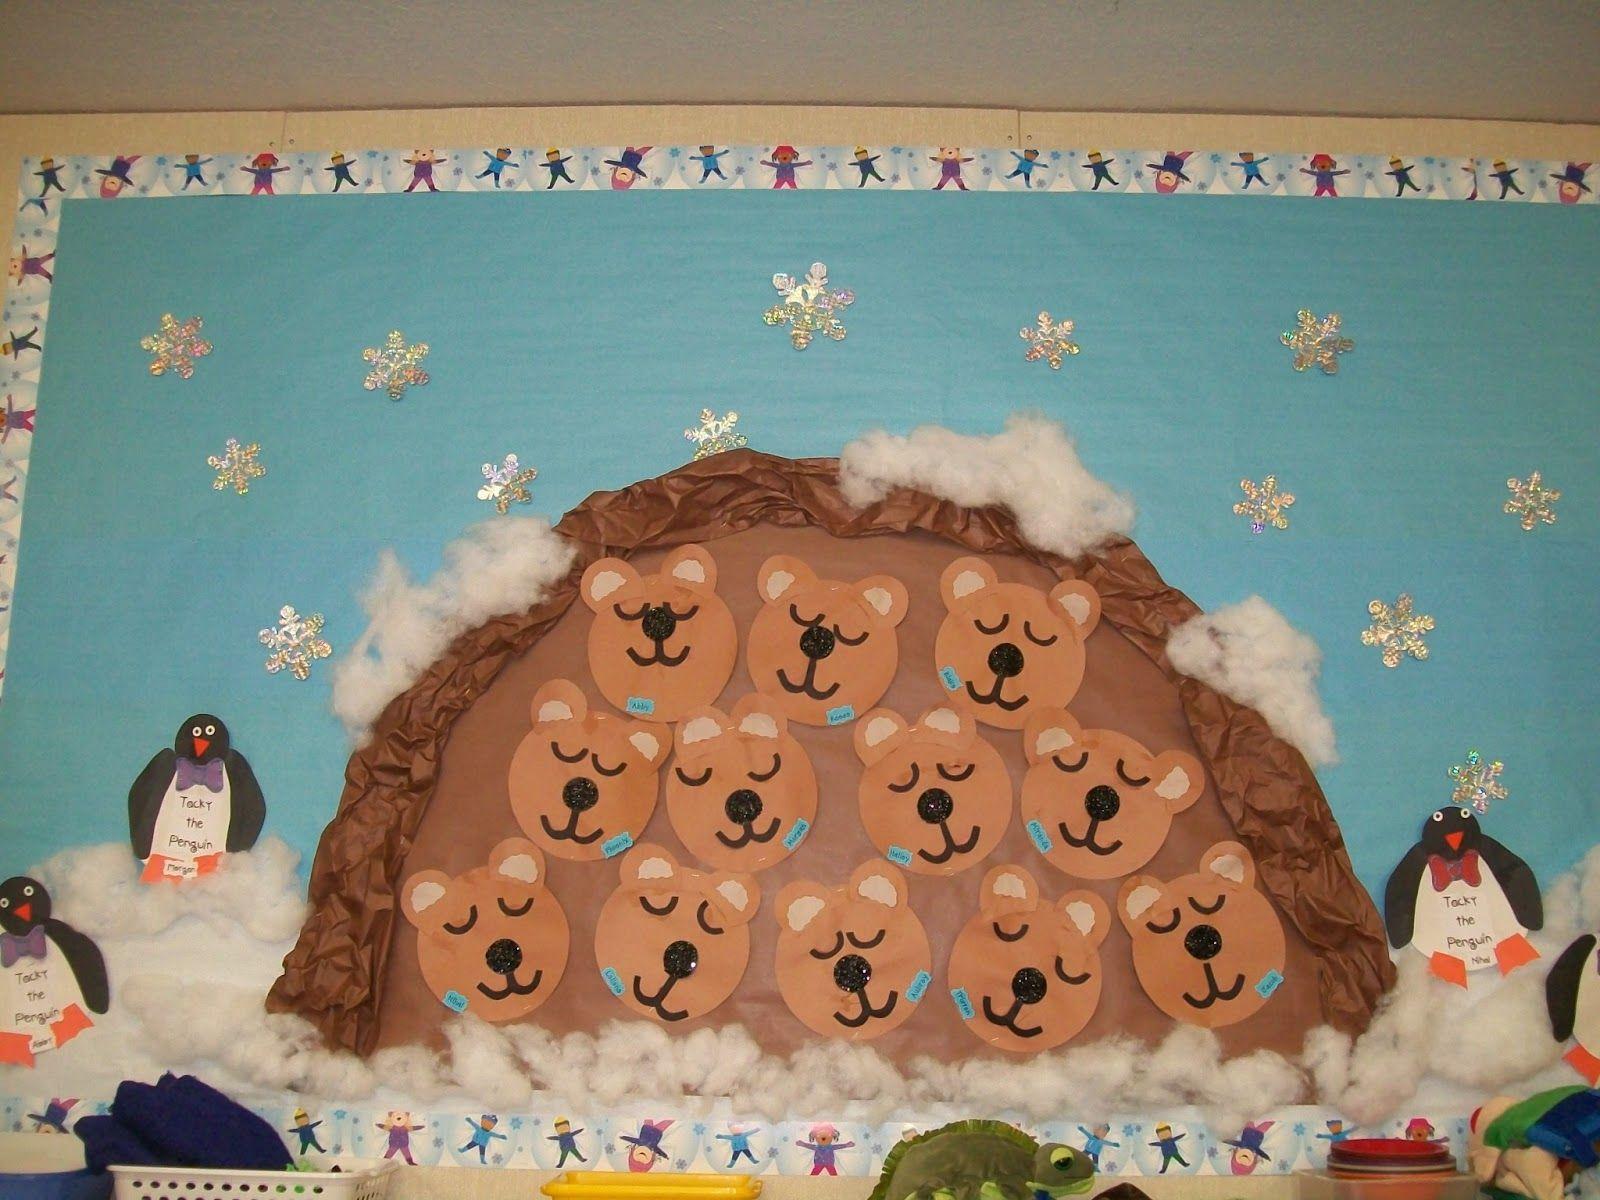 Winter Hibernating Bears Cotton Balls Or Fiberfill For